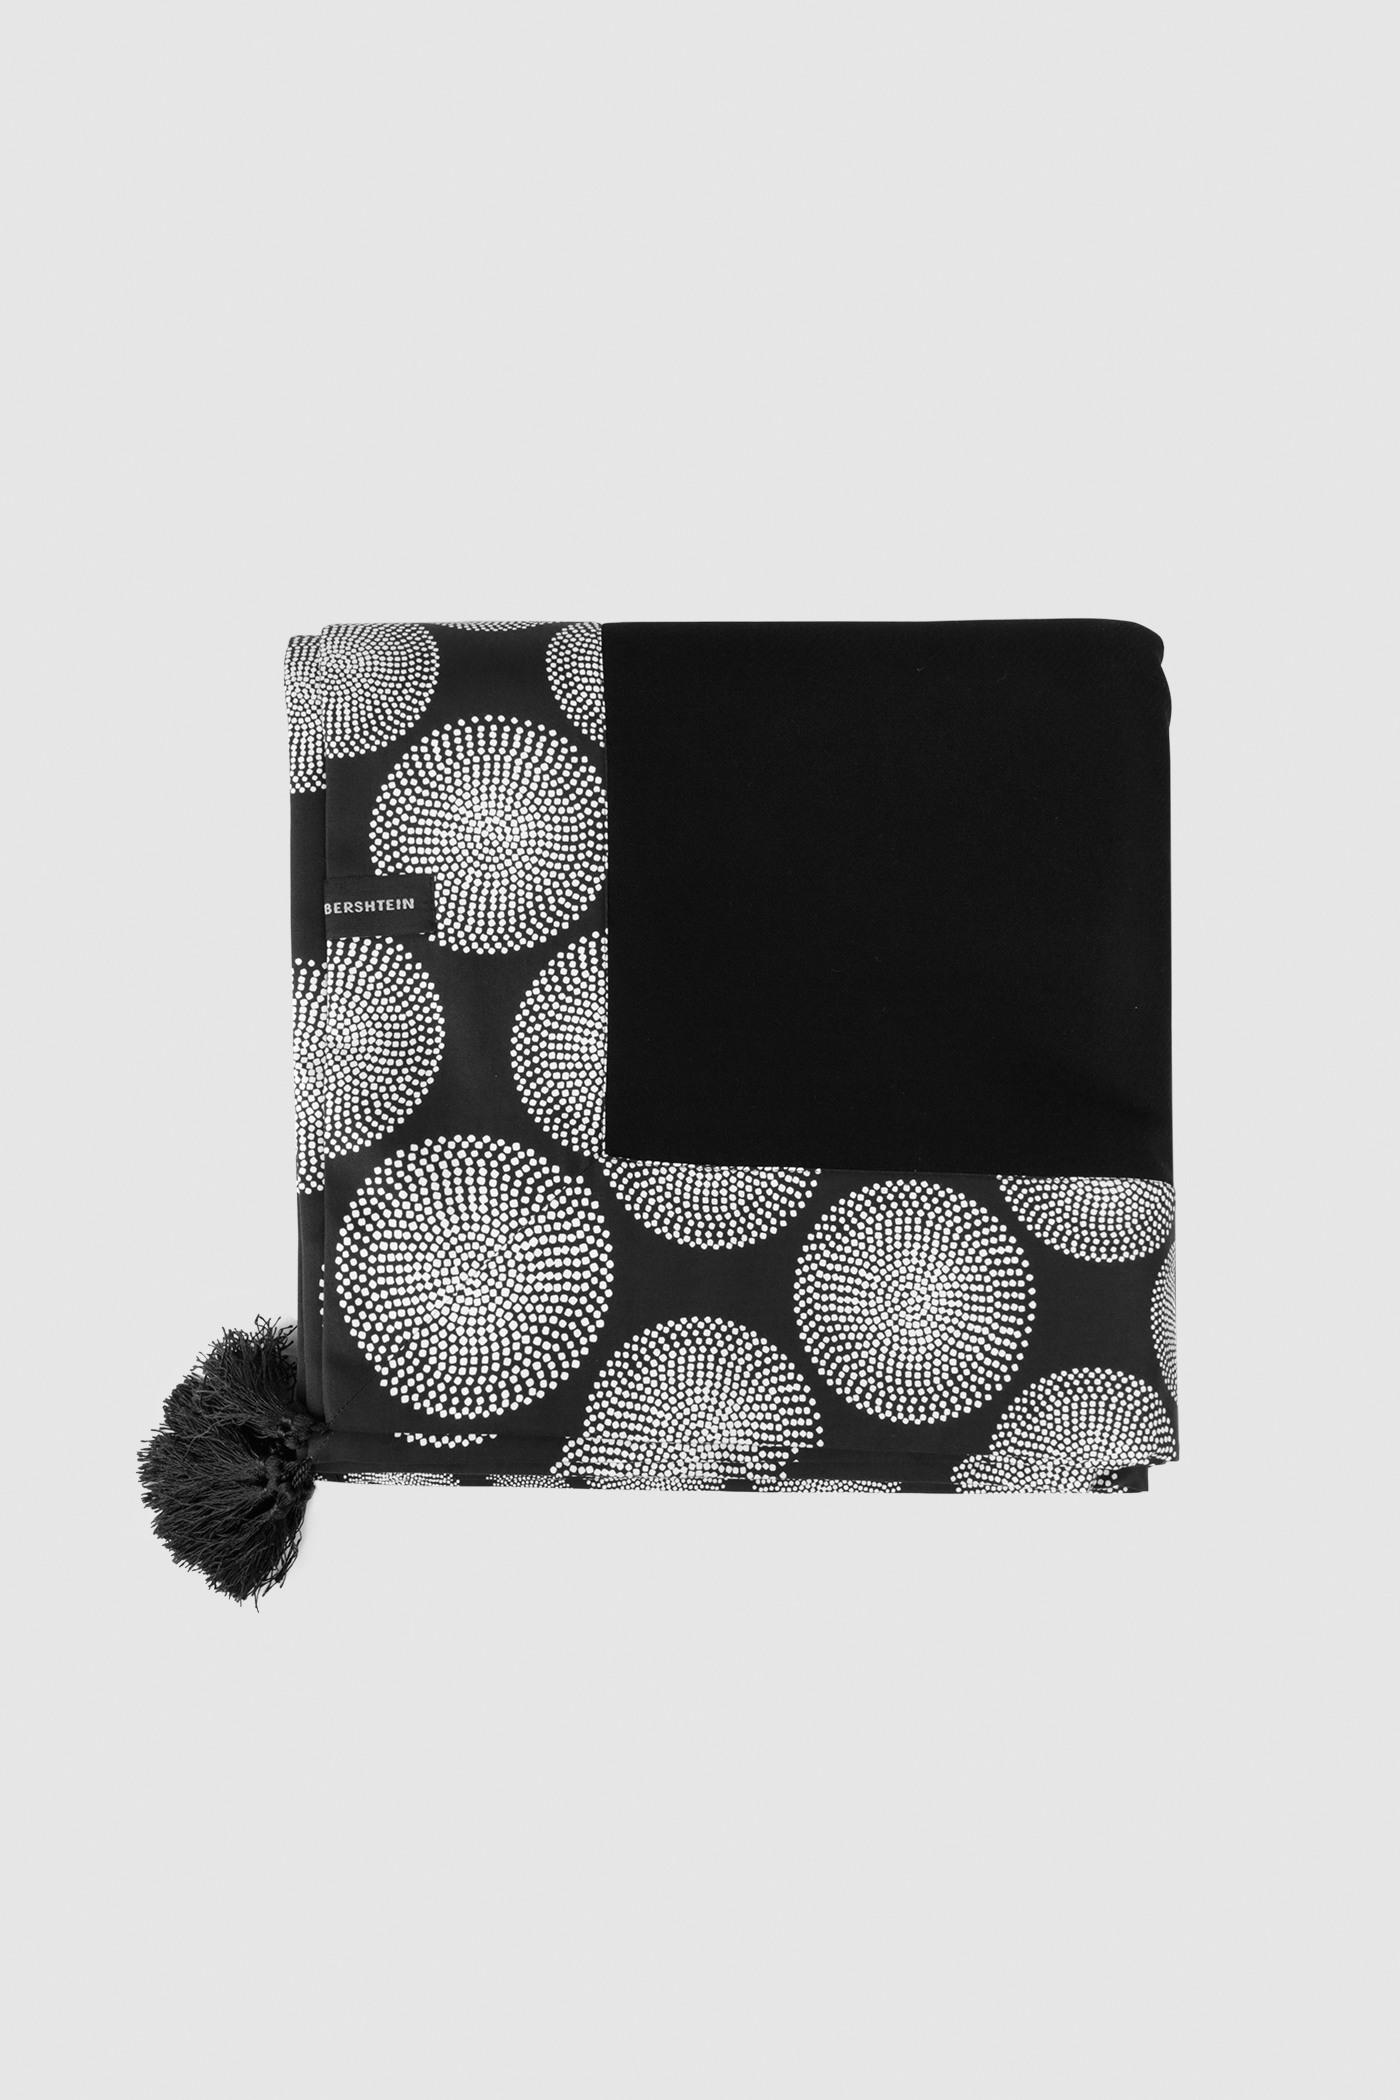 Плед с отделкой из принтового хлопкаДвусторонний шерстяной плед с декоративными кисточками.&#13;<br>Модель выполнена из 100% шерсти с отделкой из принтового хлопка. Уютный и тёплый, он согреет вас и отлично впишется в любой интерьер.&#13;<br>Размеры: 145х145 см<br><br>Цвет: Черный